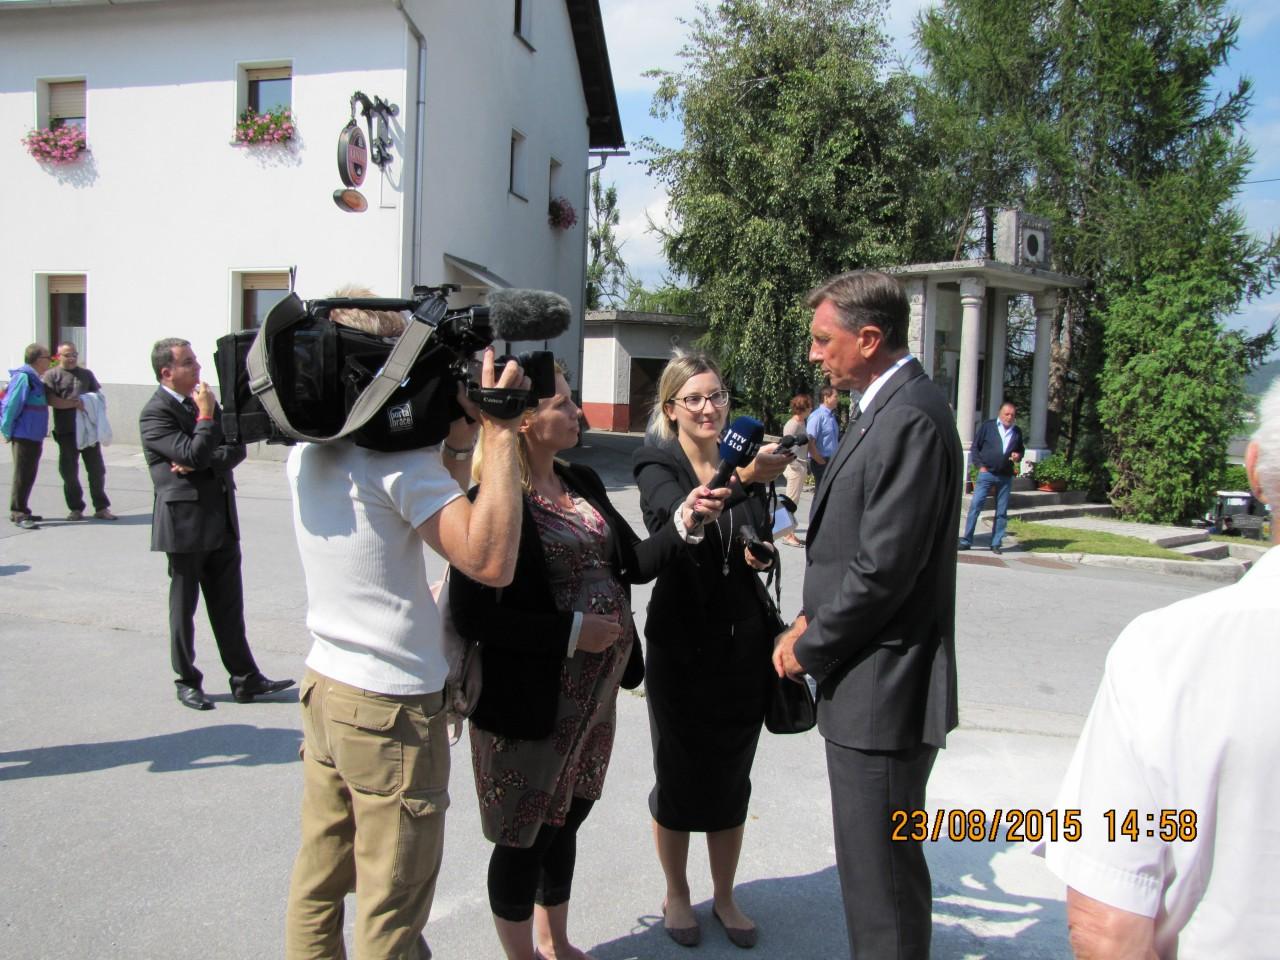 Rovte ob evropskem dnevu totalitarnih in avtoritarnih režimov 23. avgust 2015, Izjava za medije Borut Pahor